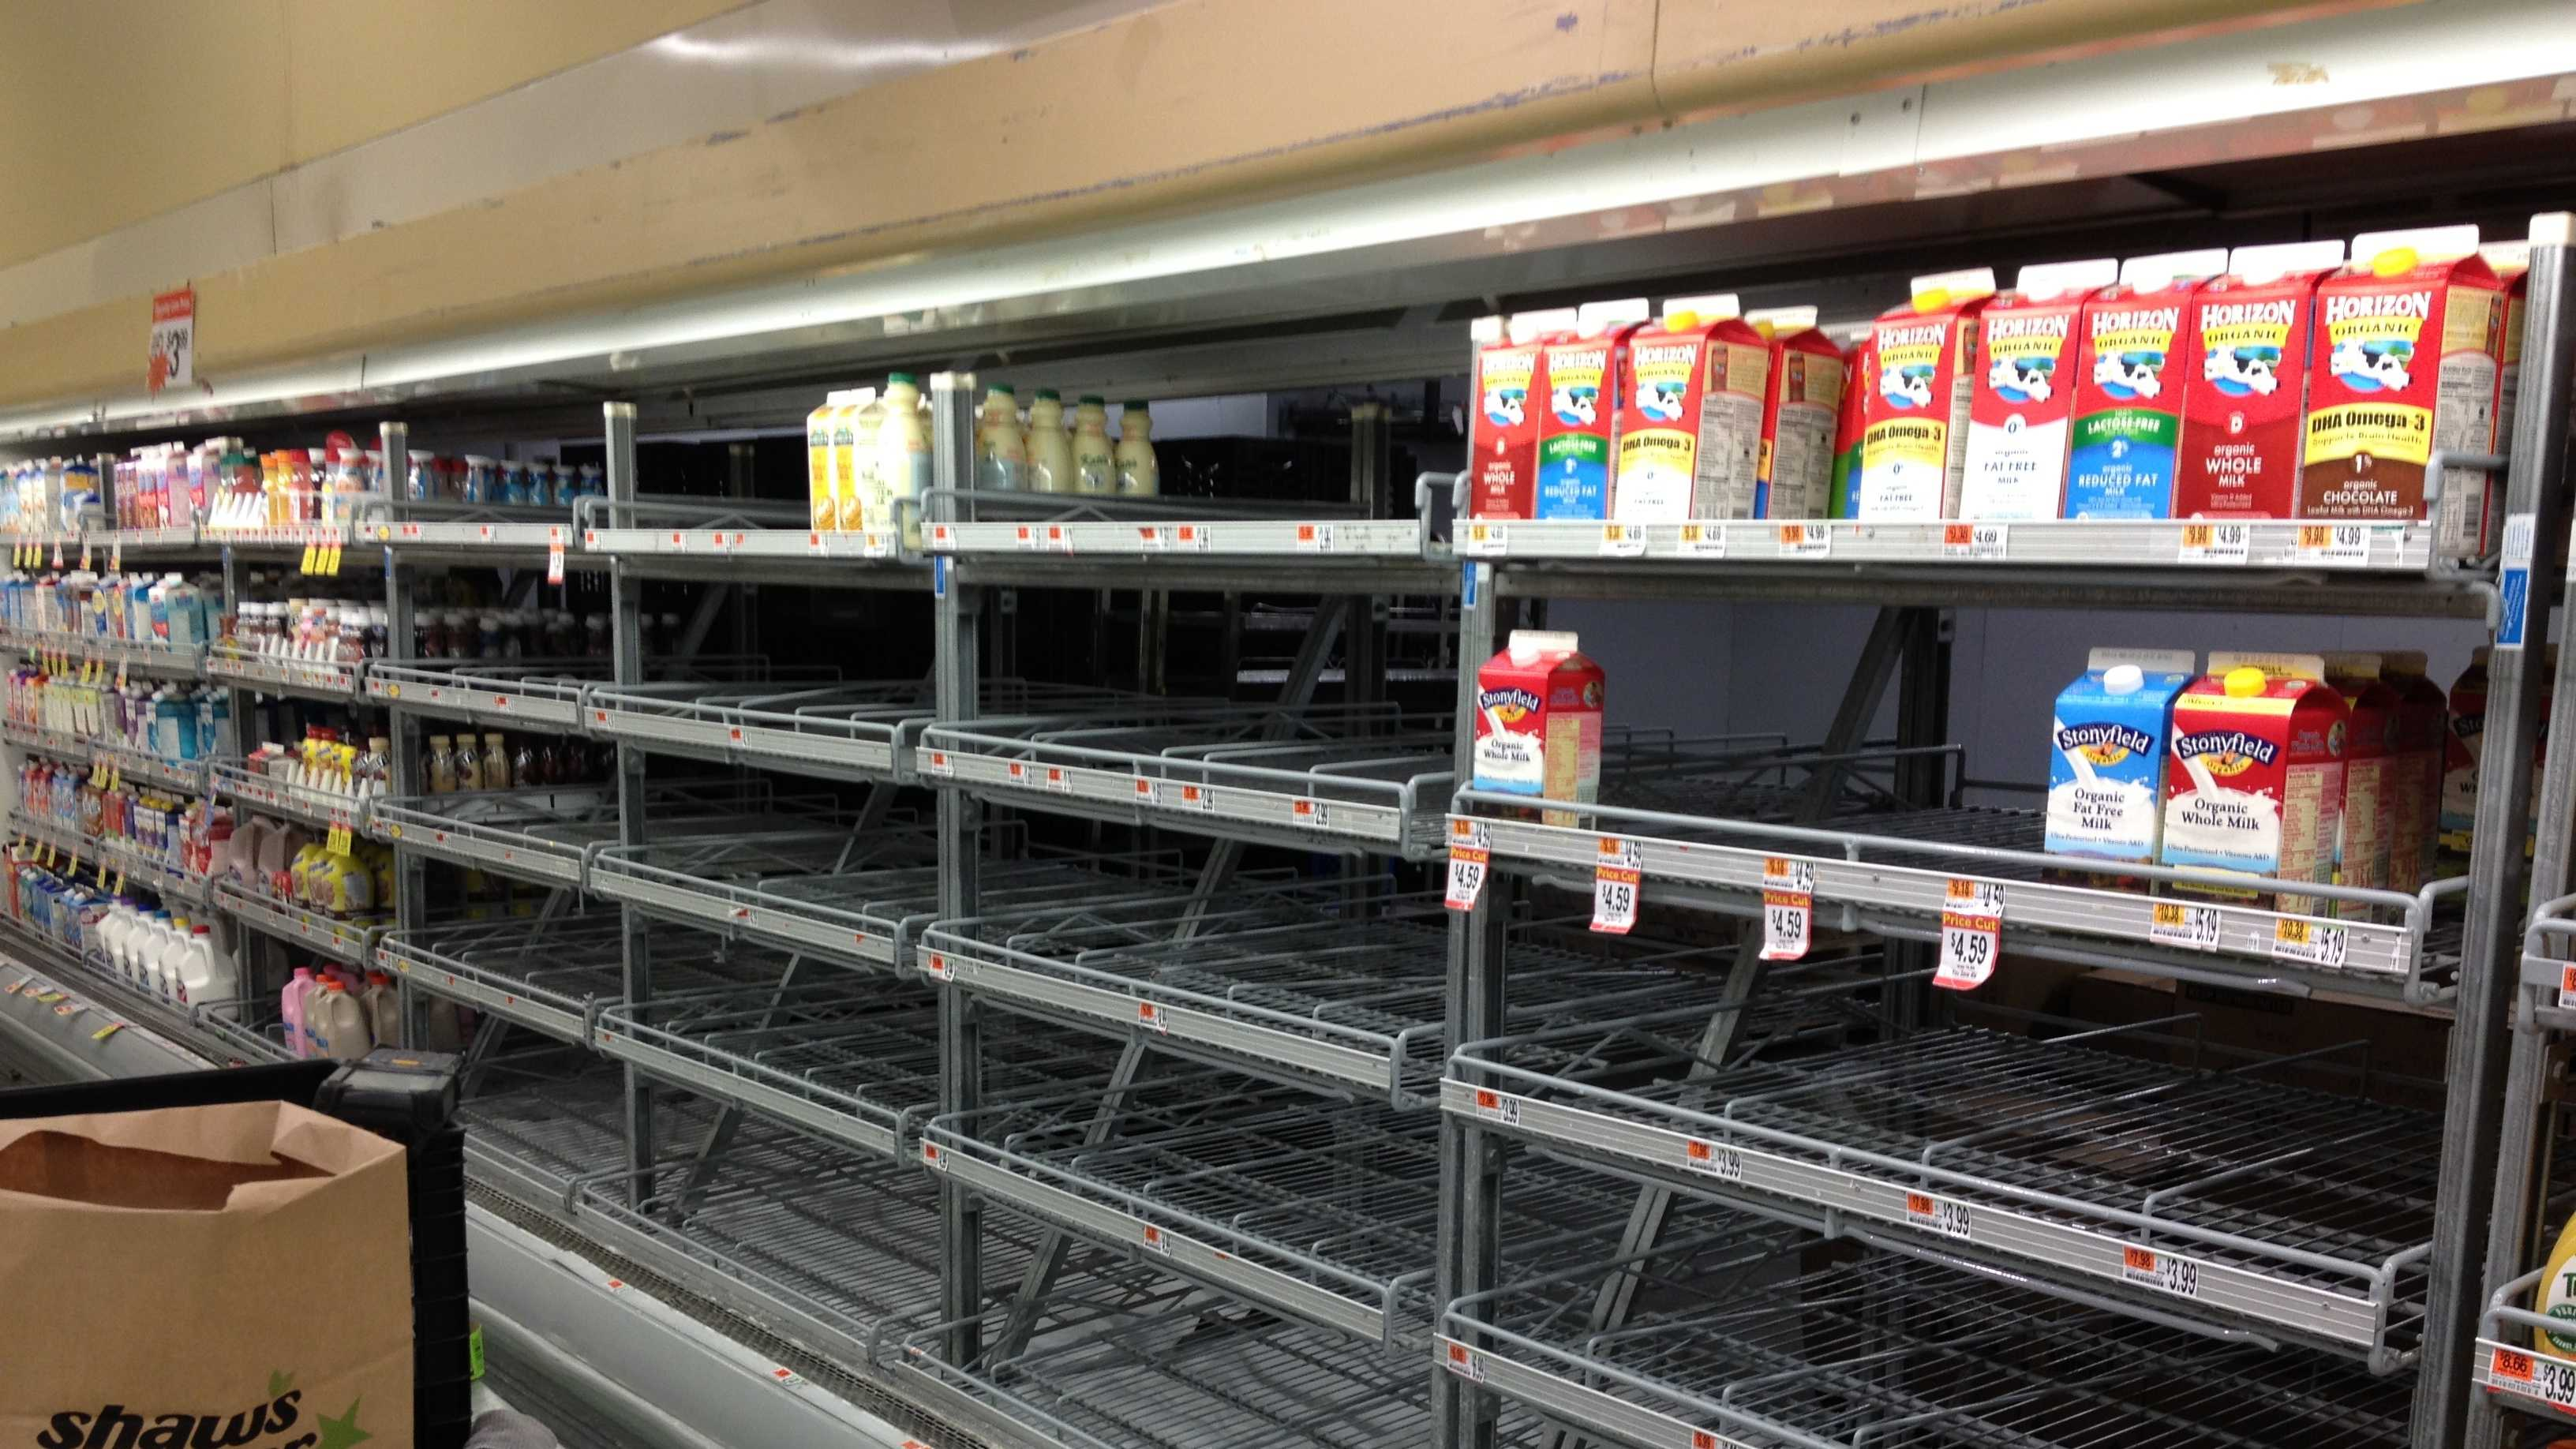 no milk at store